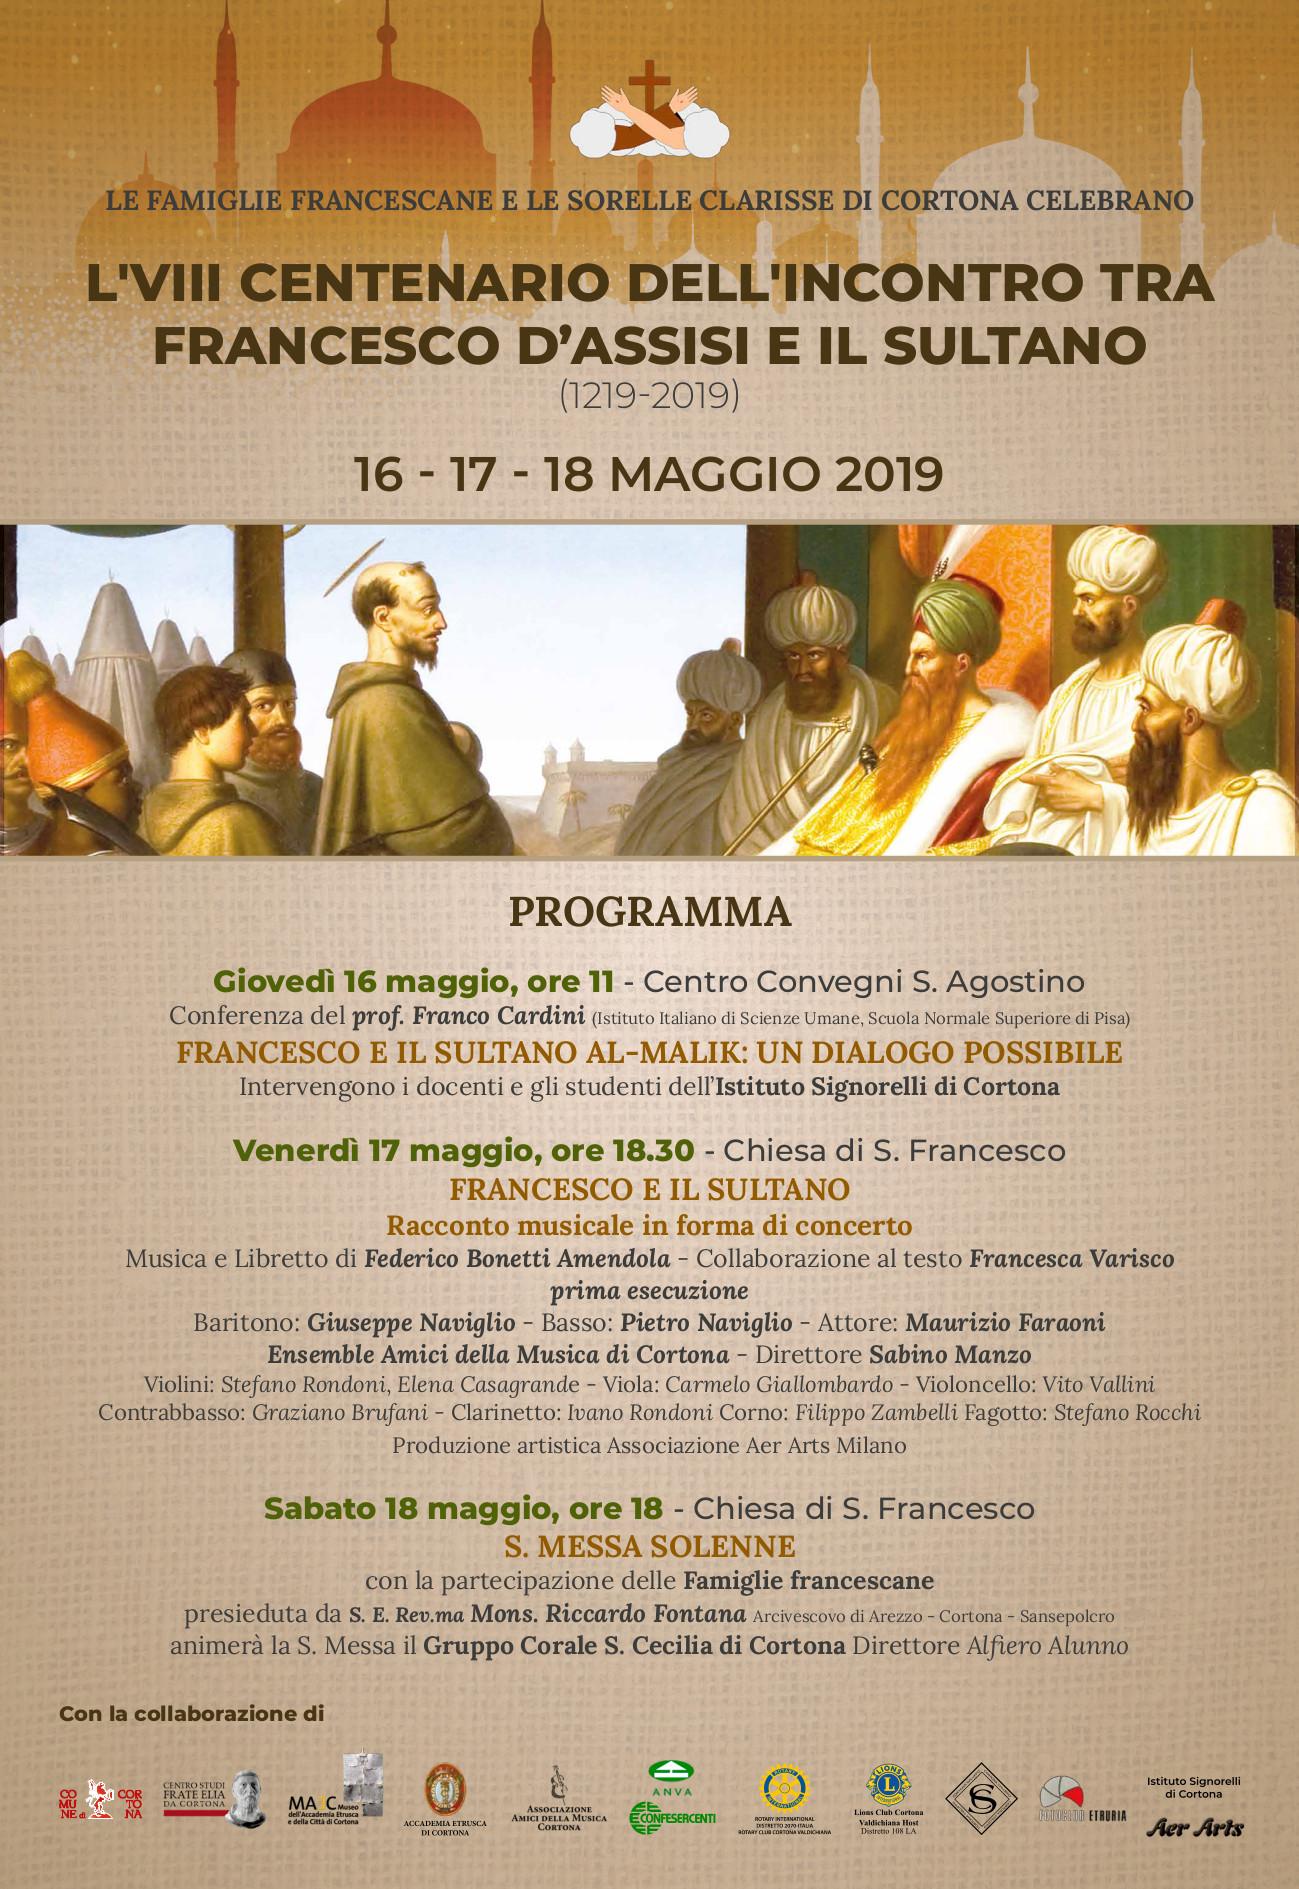 Celebrazioni a Cortona per l'VIII° centenario dell'incontro fra Francesco d'Assisi e il Sultano d'Egitto